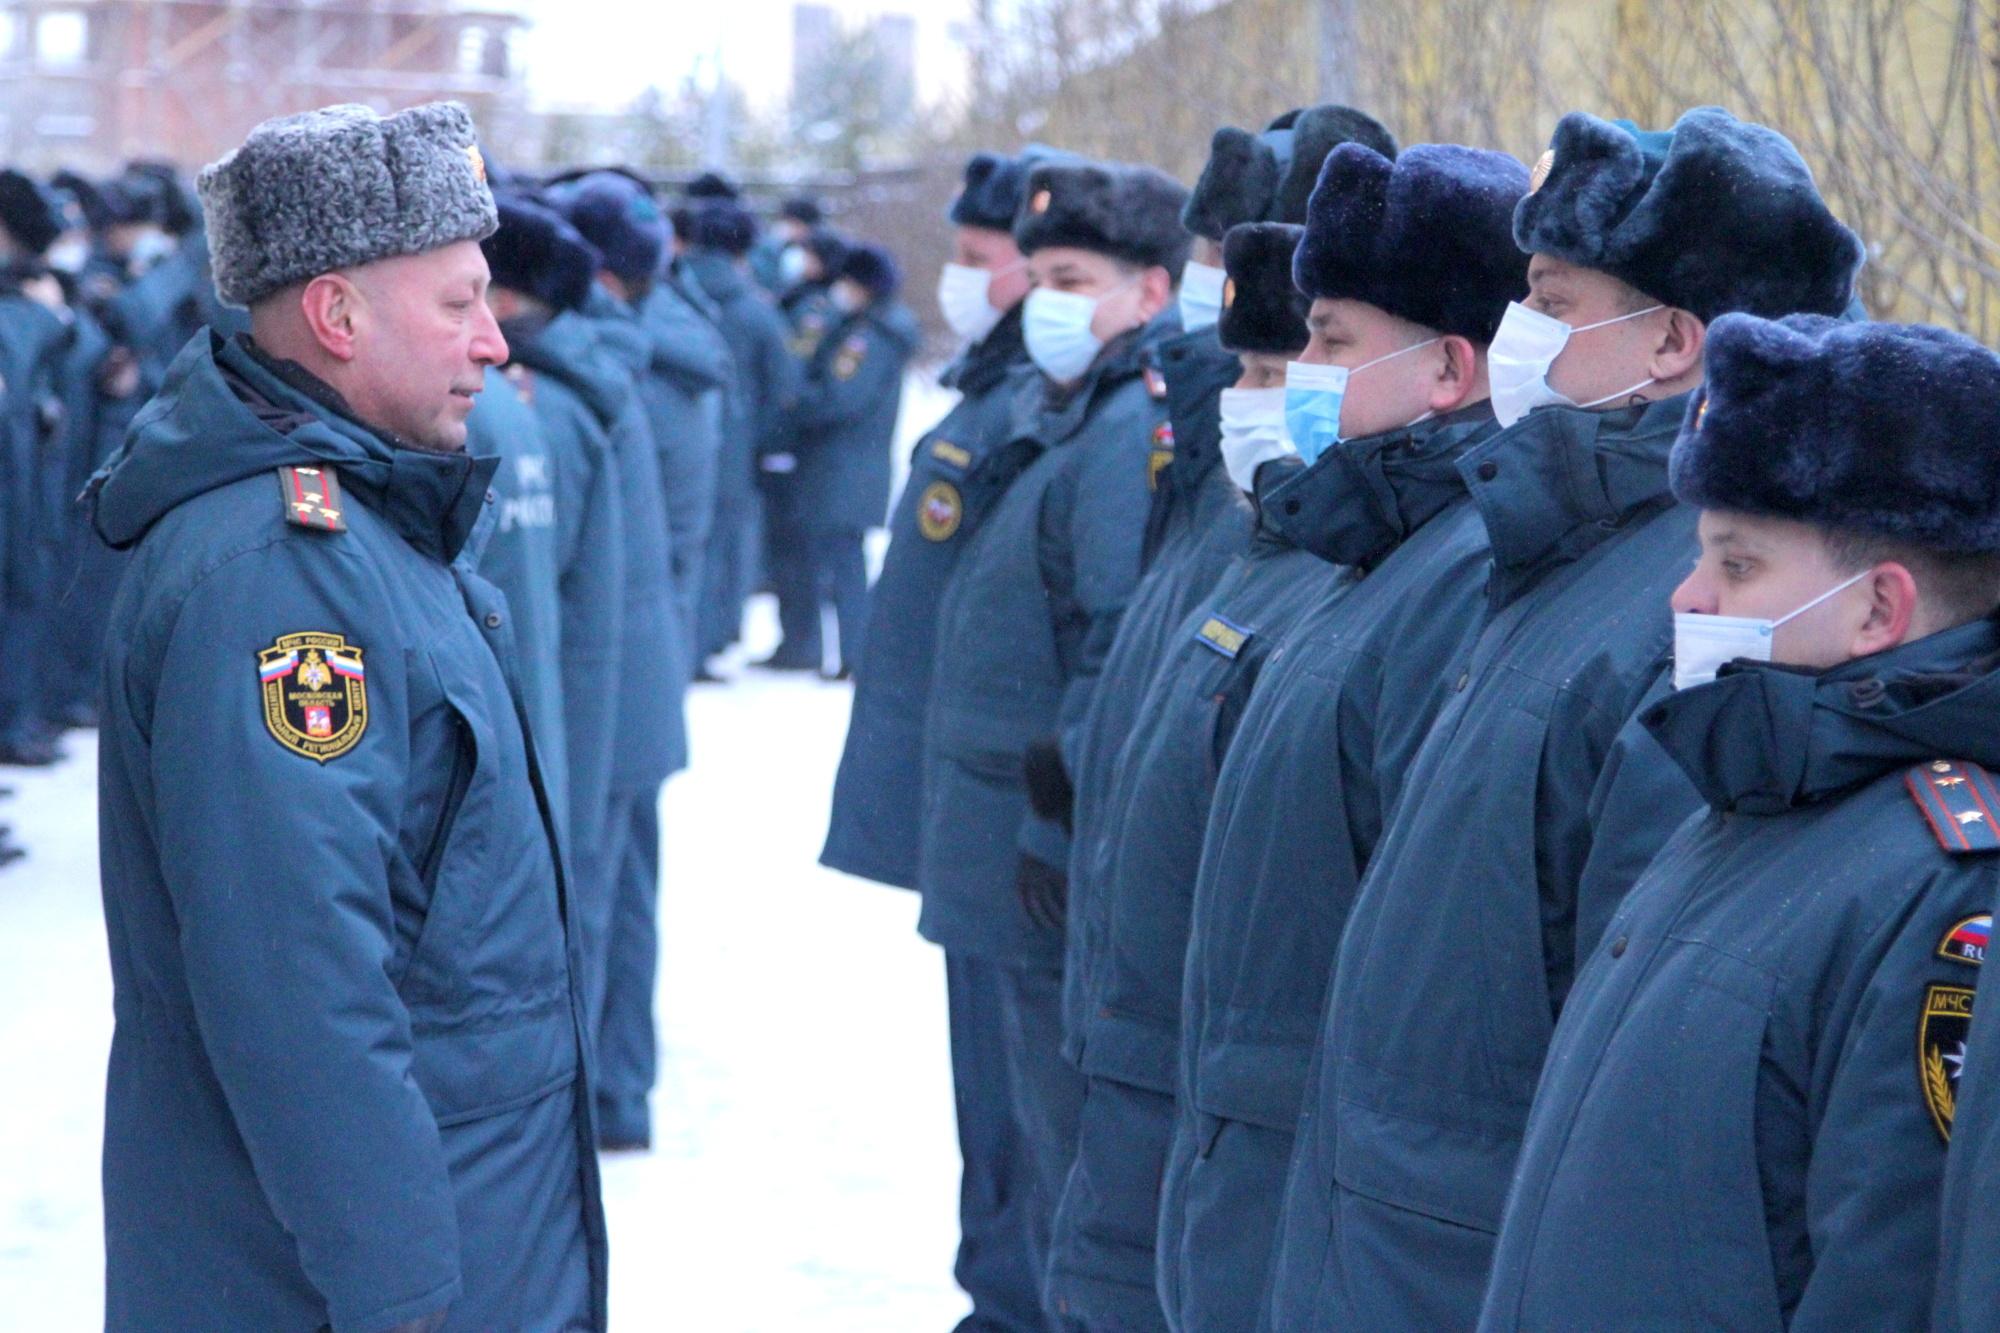 Личному составу  Главного управления МЧС России по Московской области определены основные задачи на зимний период обучения